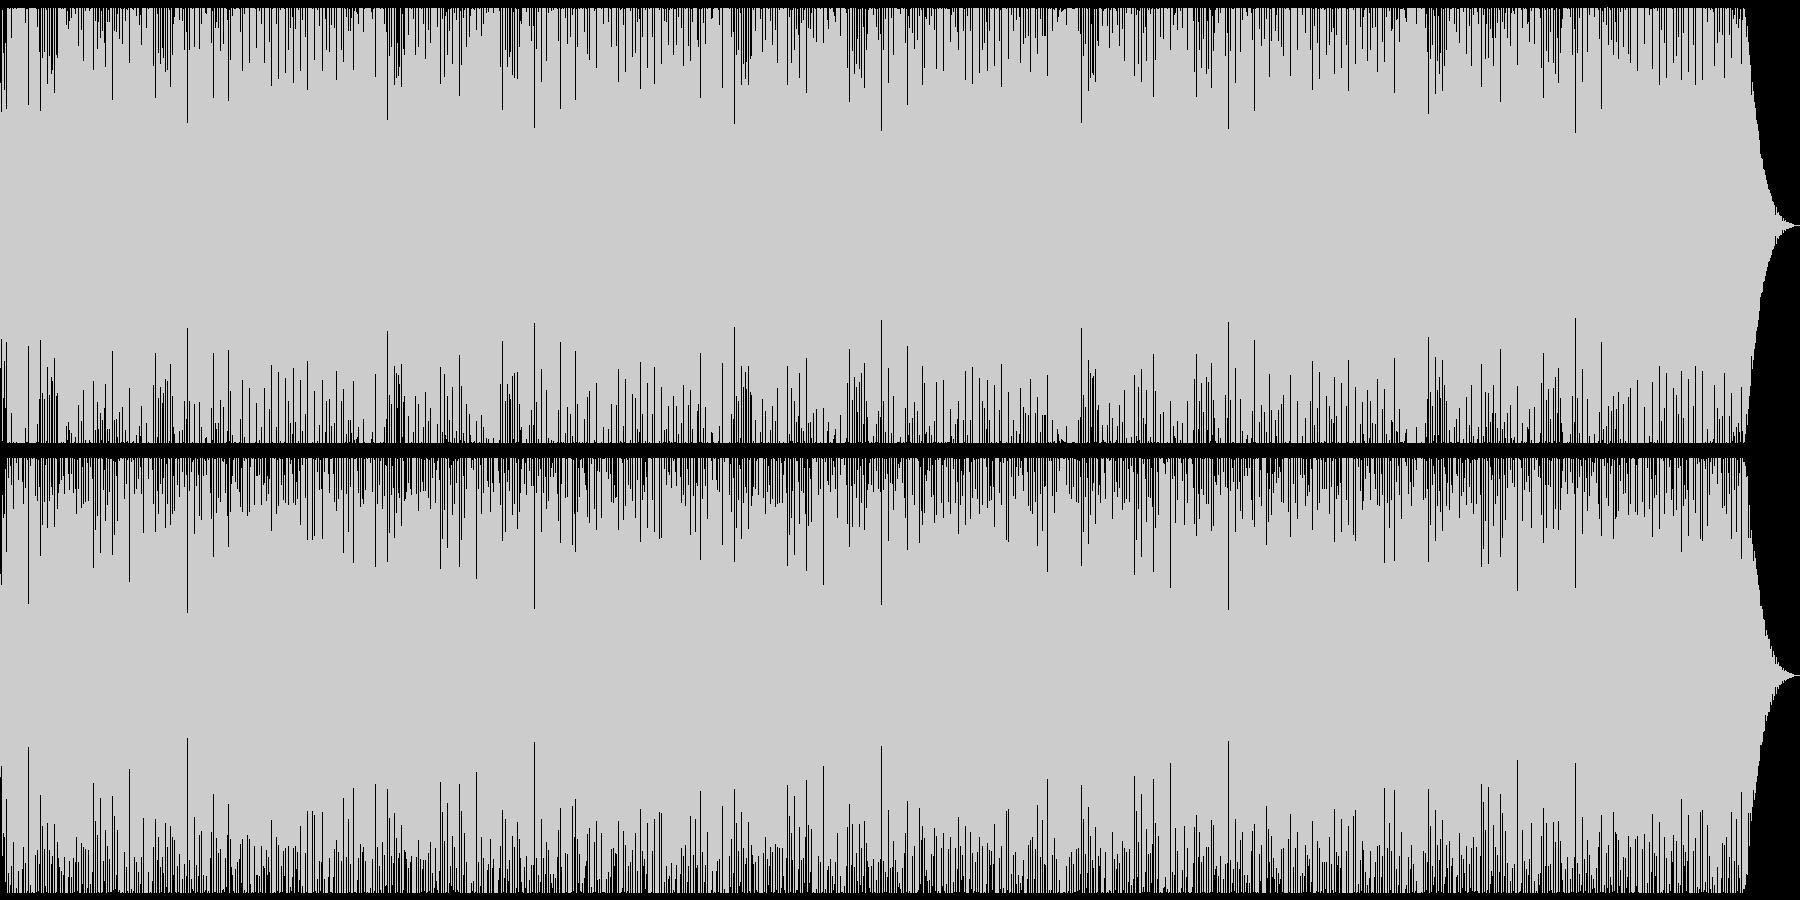 アコーディオンのオシャレなワルツ!パリ!の未再生の波形